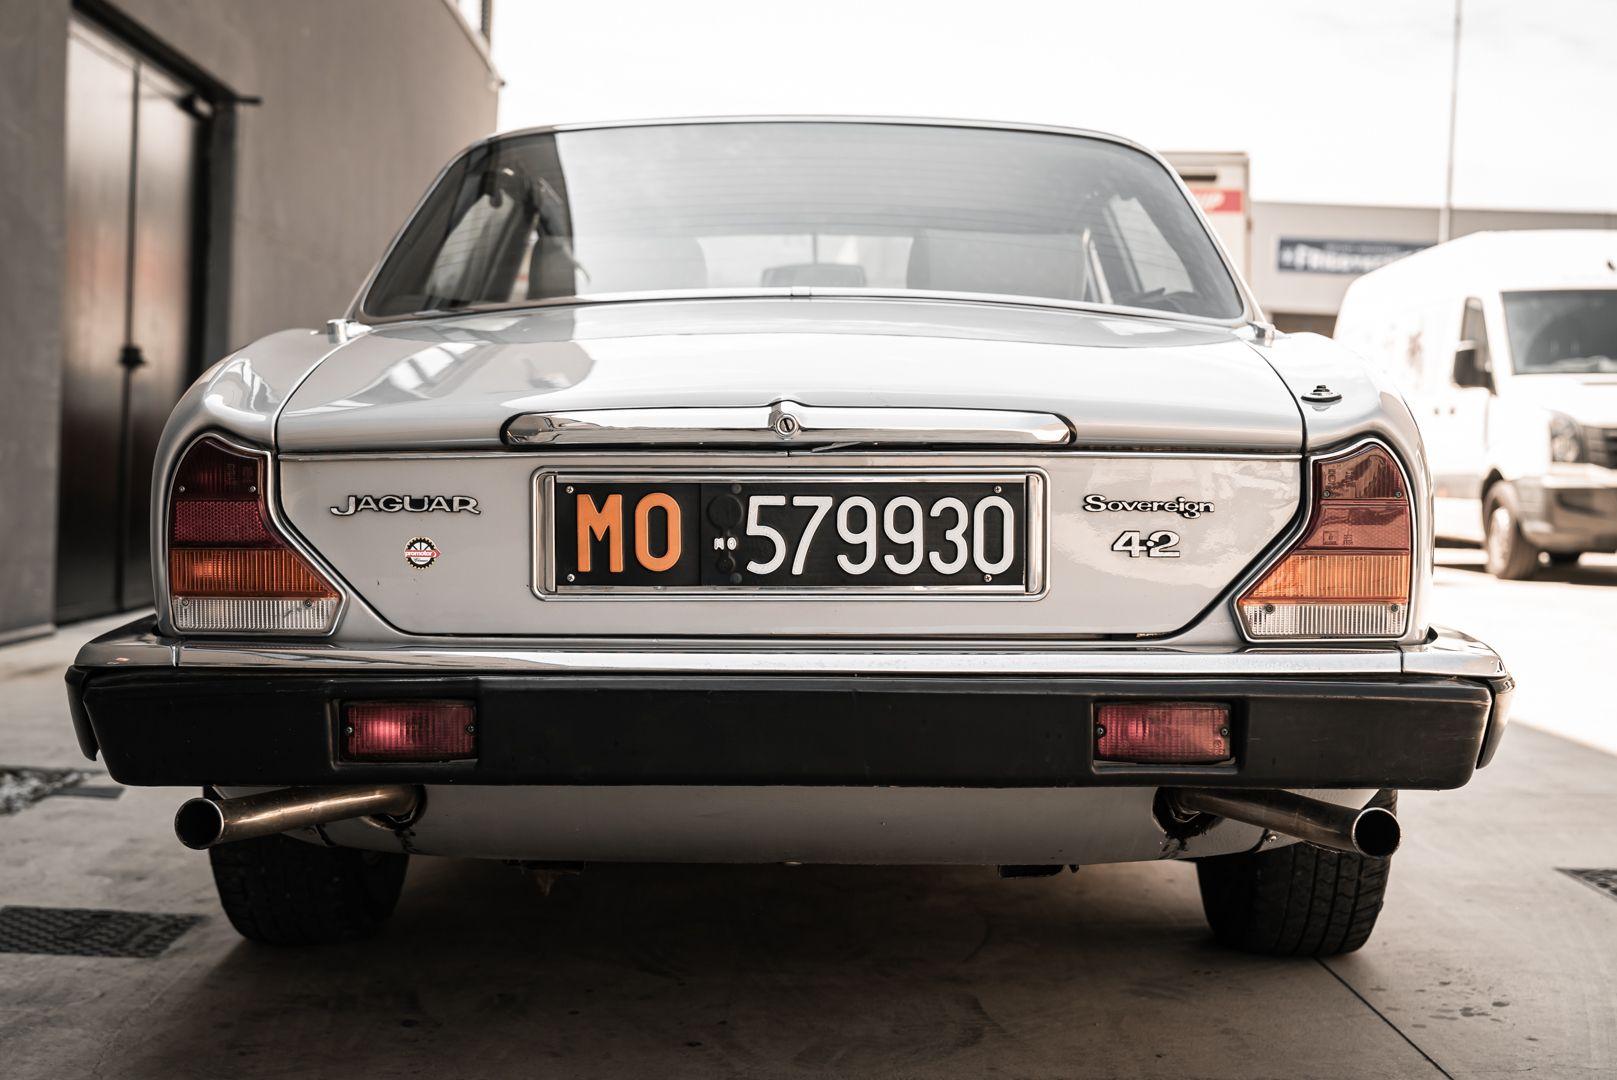 1983 Jaguar XJ6 4.2 Sovereign 80188